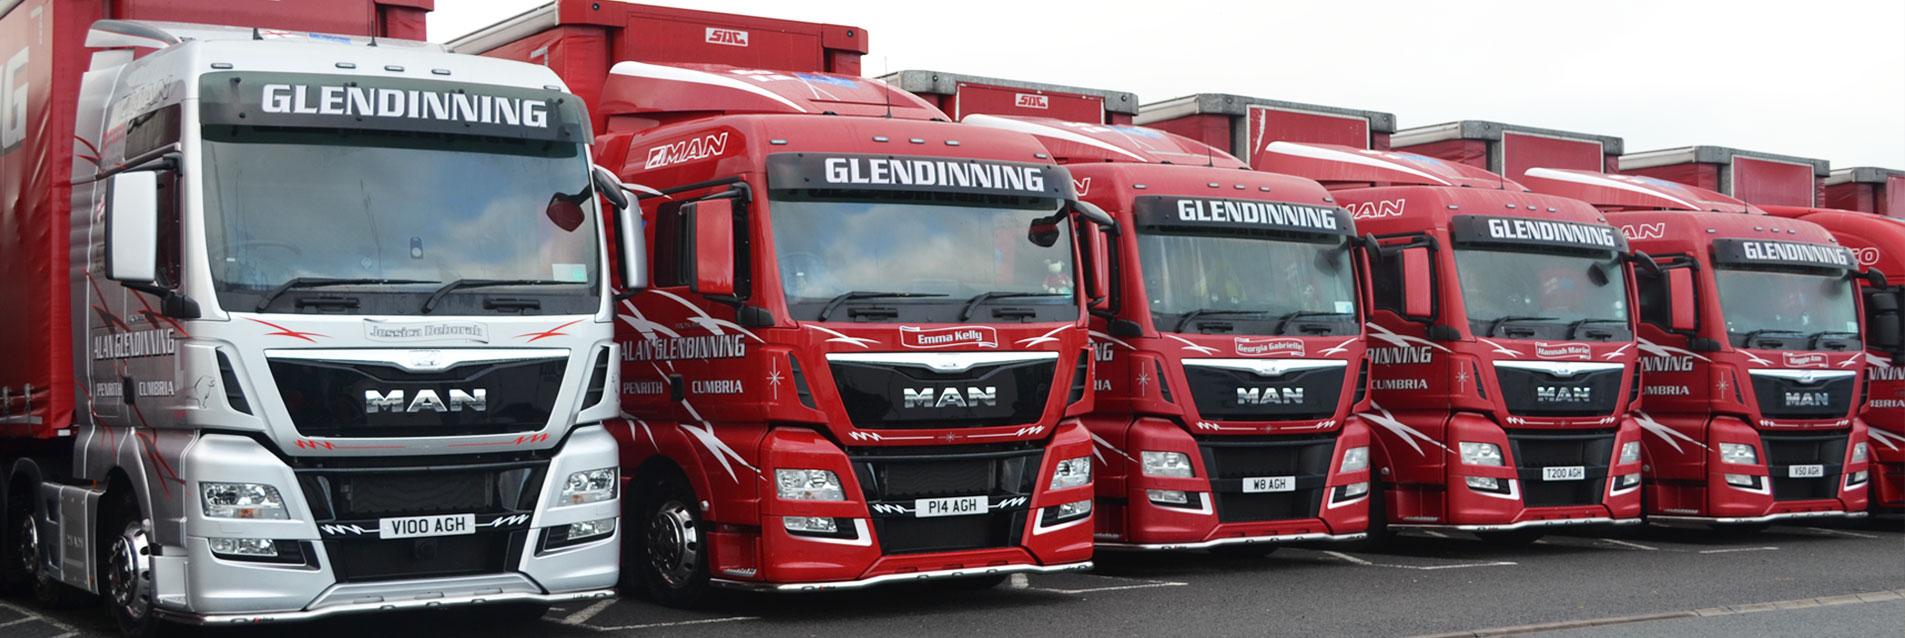 glendinning-haulage